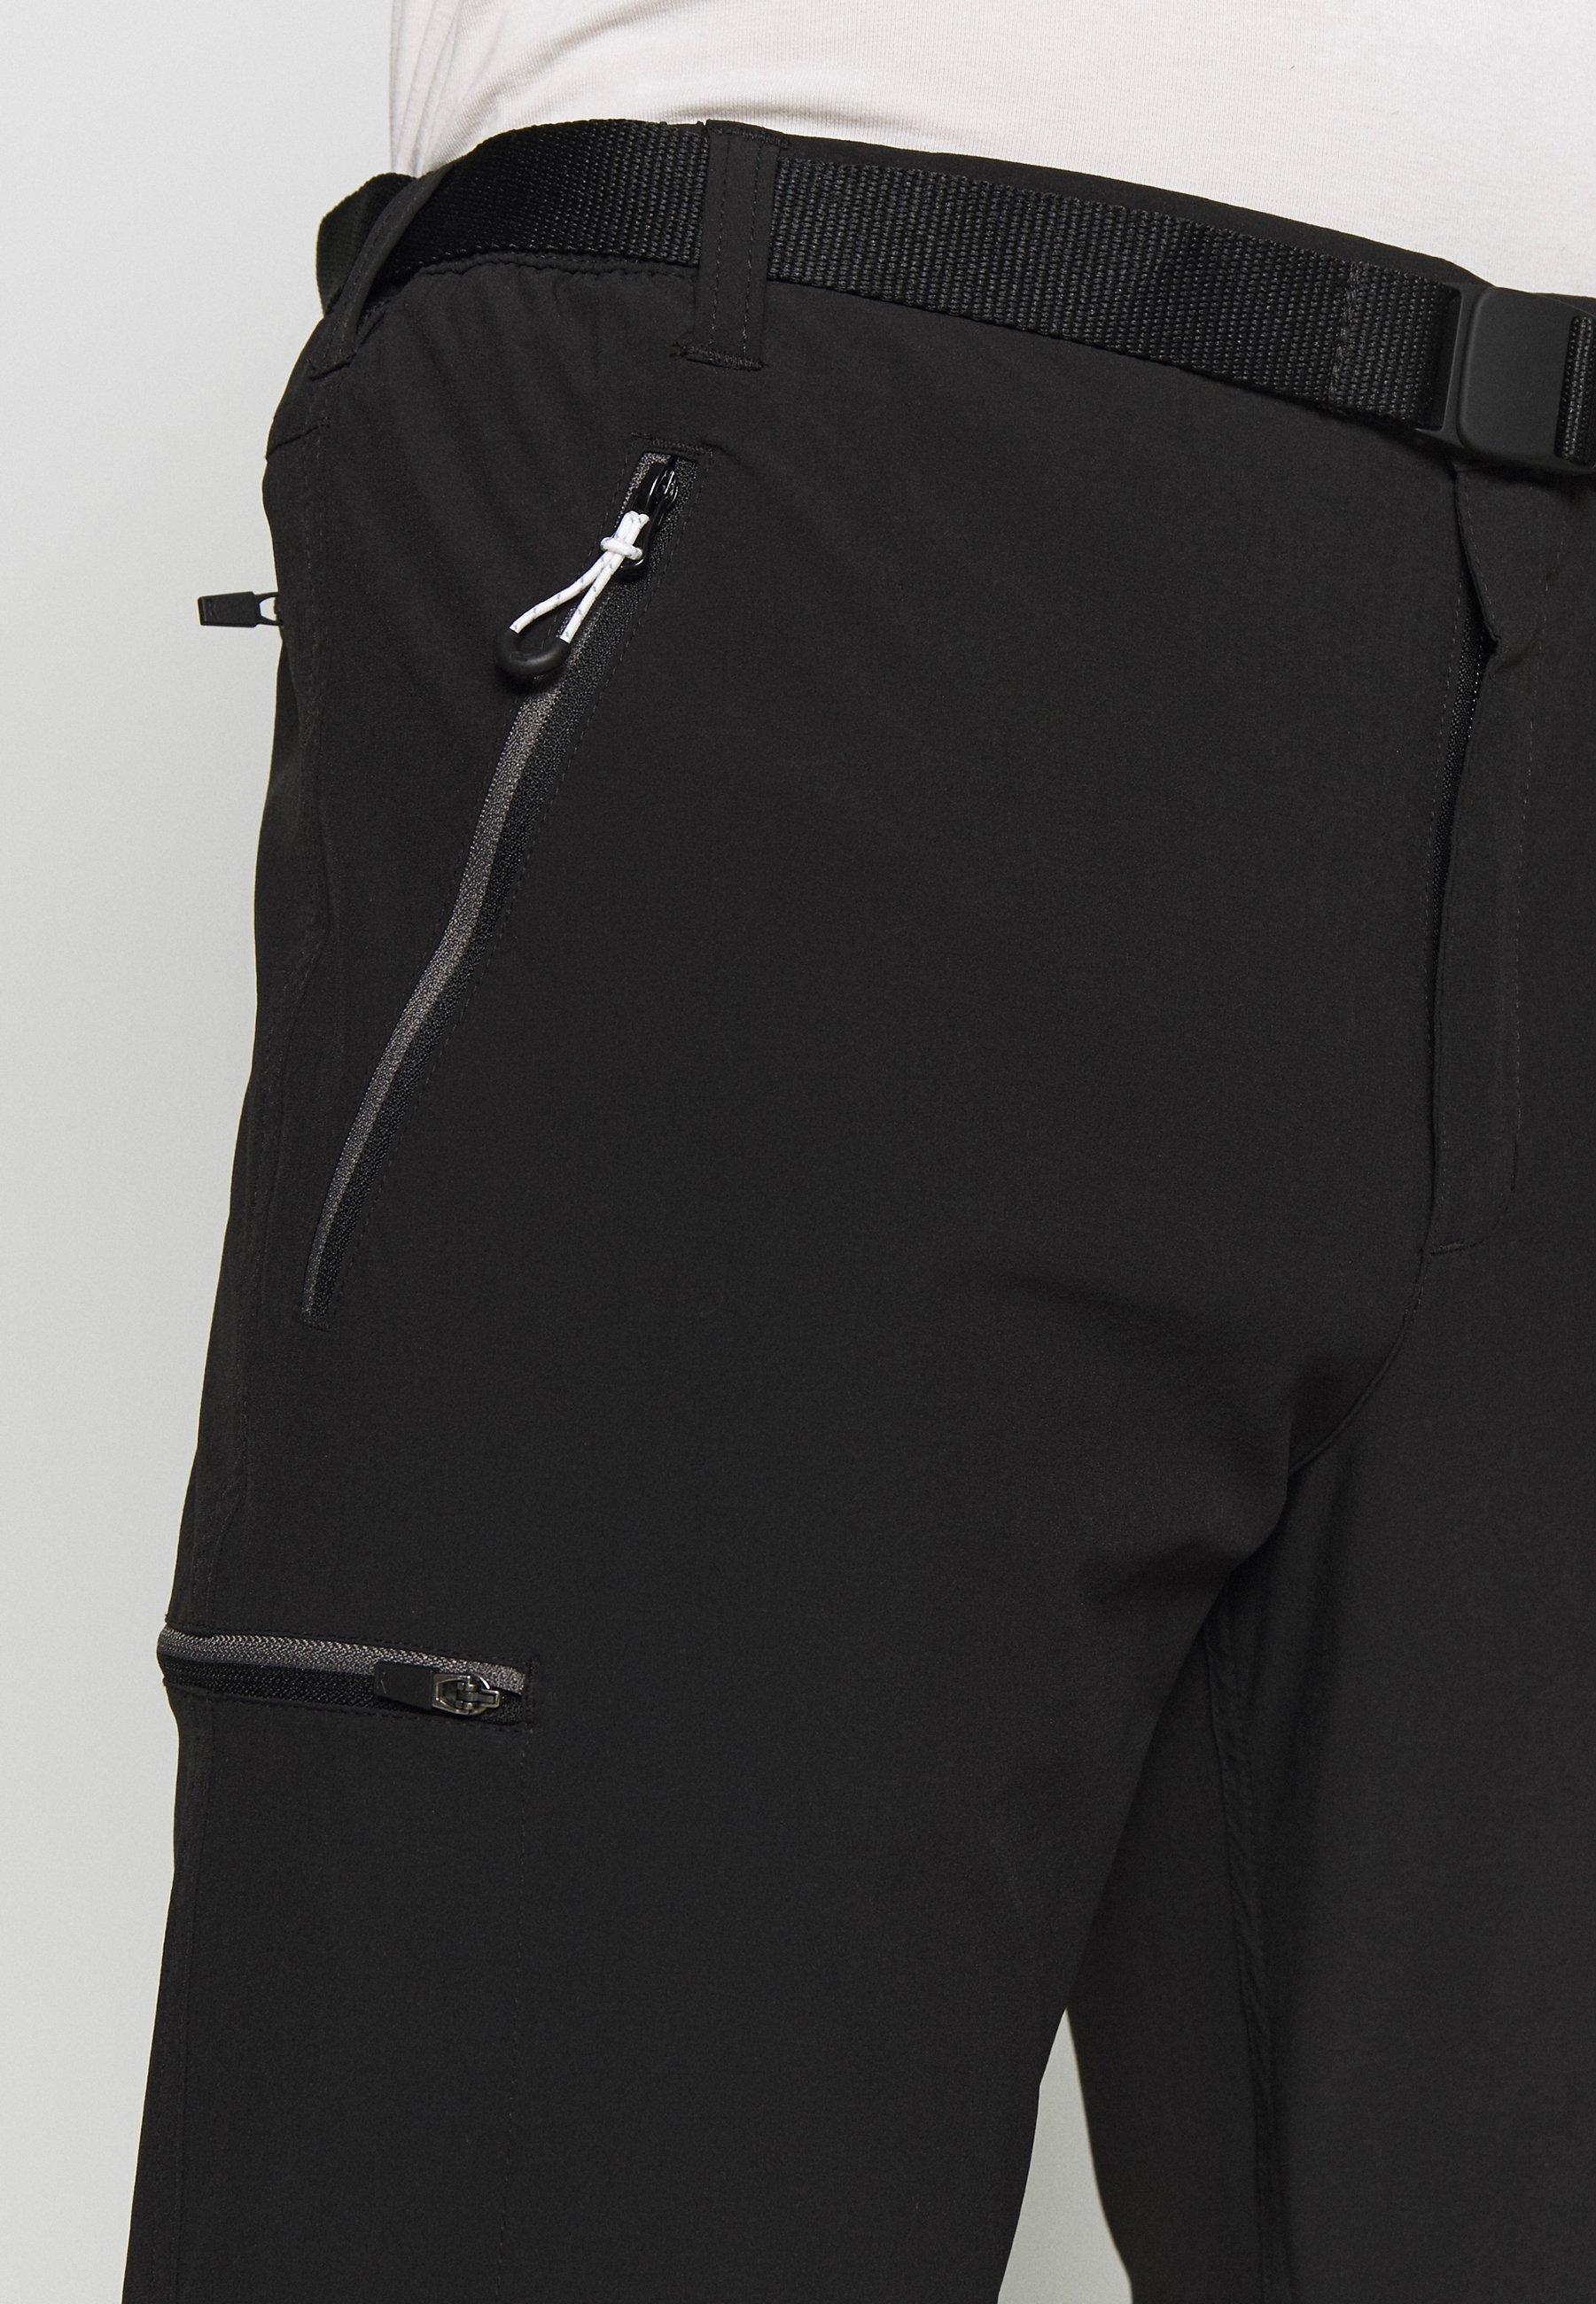 Eccellente Abbigliamento da uomo Regatta XERT  Pantaloni outdoor black